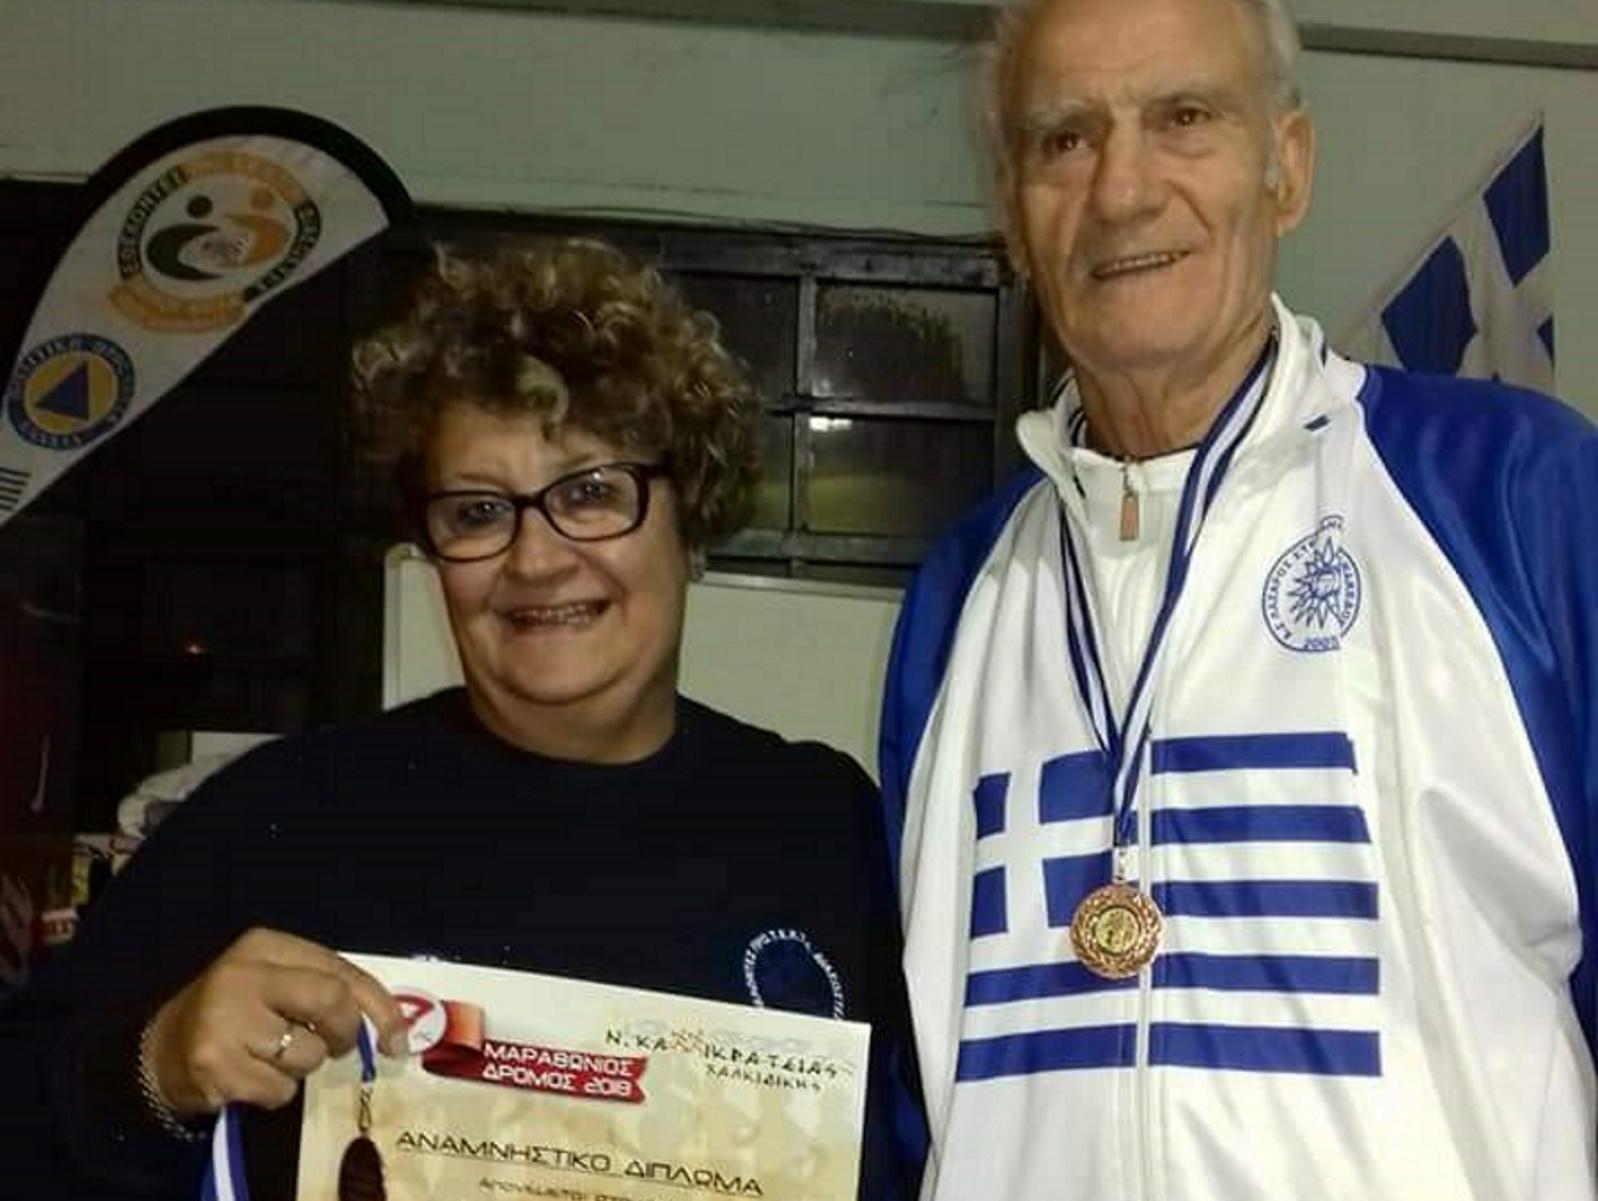 Πρωταθλητής ετών 80 – Χρυσά μετάλλια στον στίβο και τον εθελοντισμό (pics)